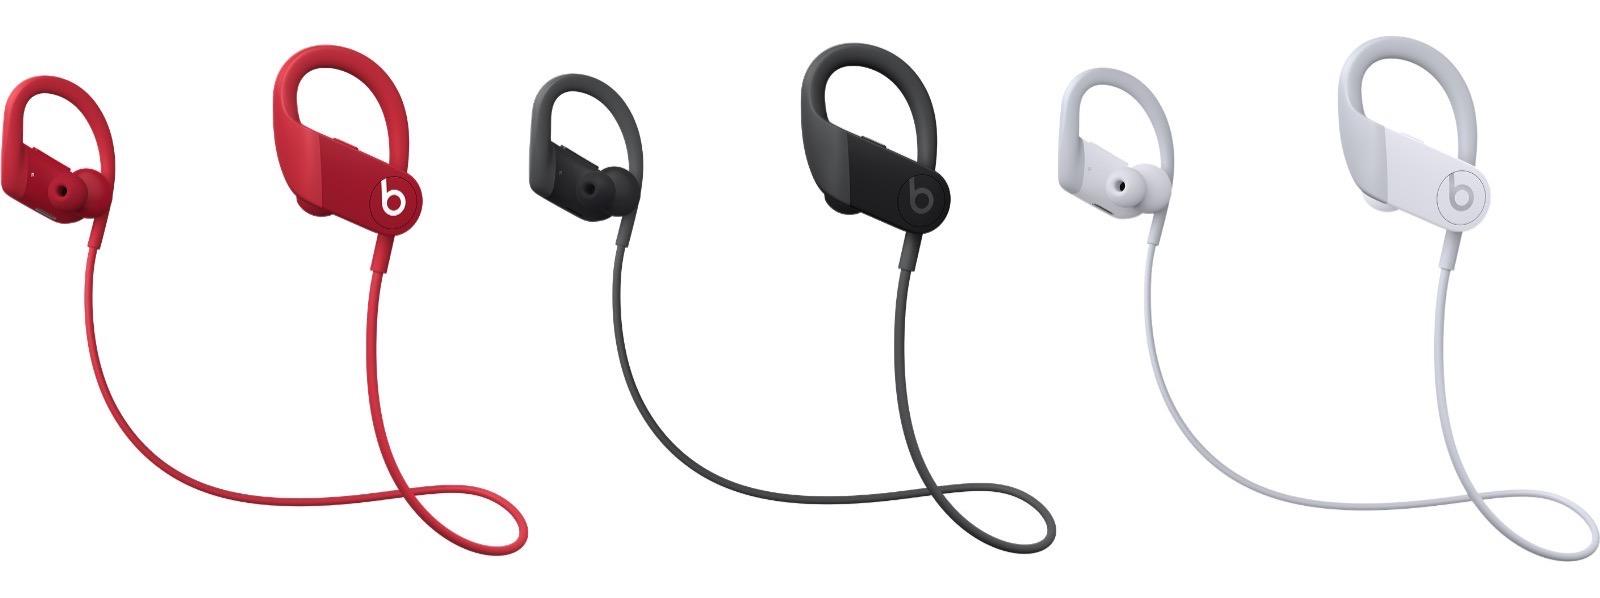 Beats Powerbeats4 wireless earphonesーcolors